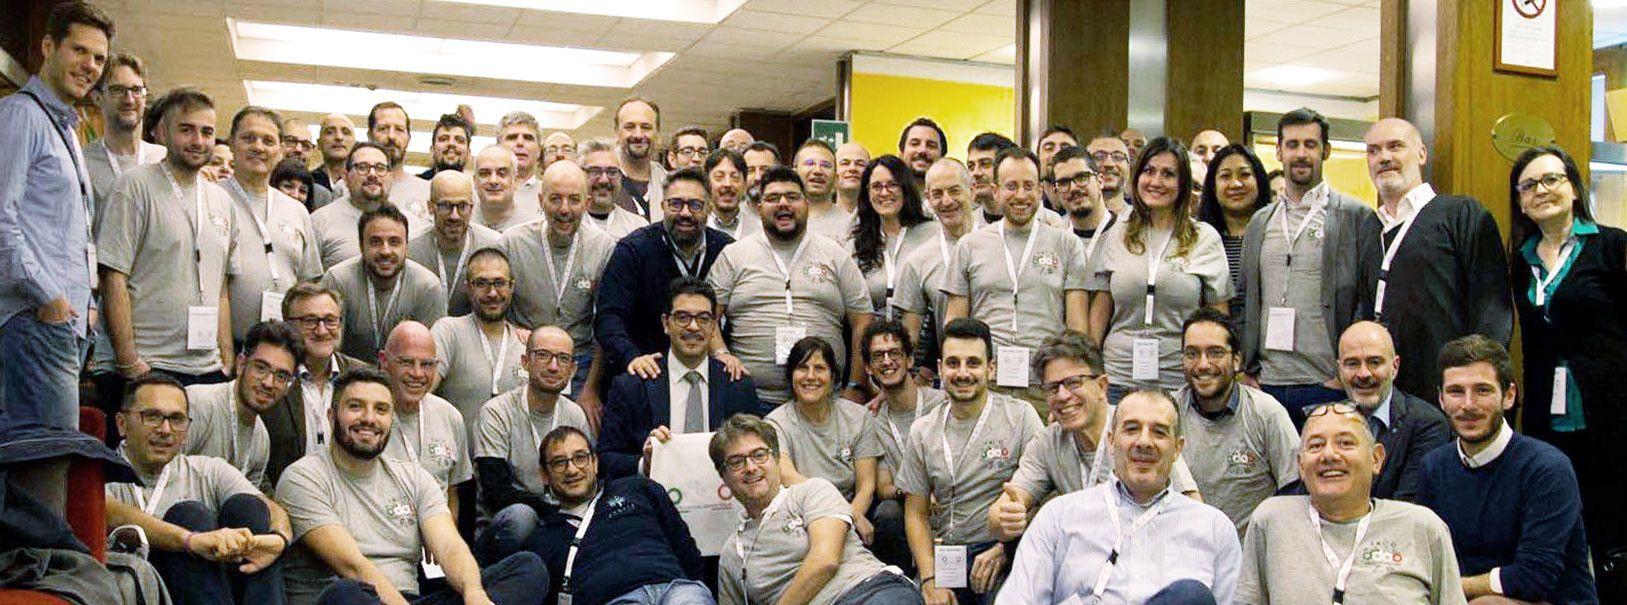 Odoo Days Italia 2021 torna l'evento in presenza il 4 e 5 novembre 2021 a Bari